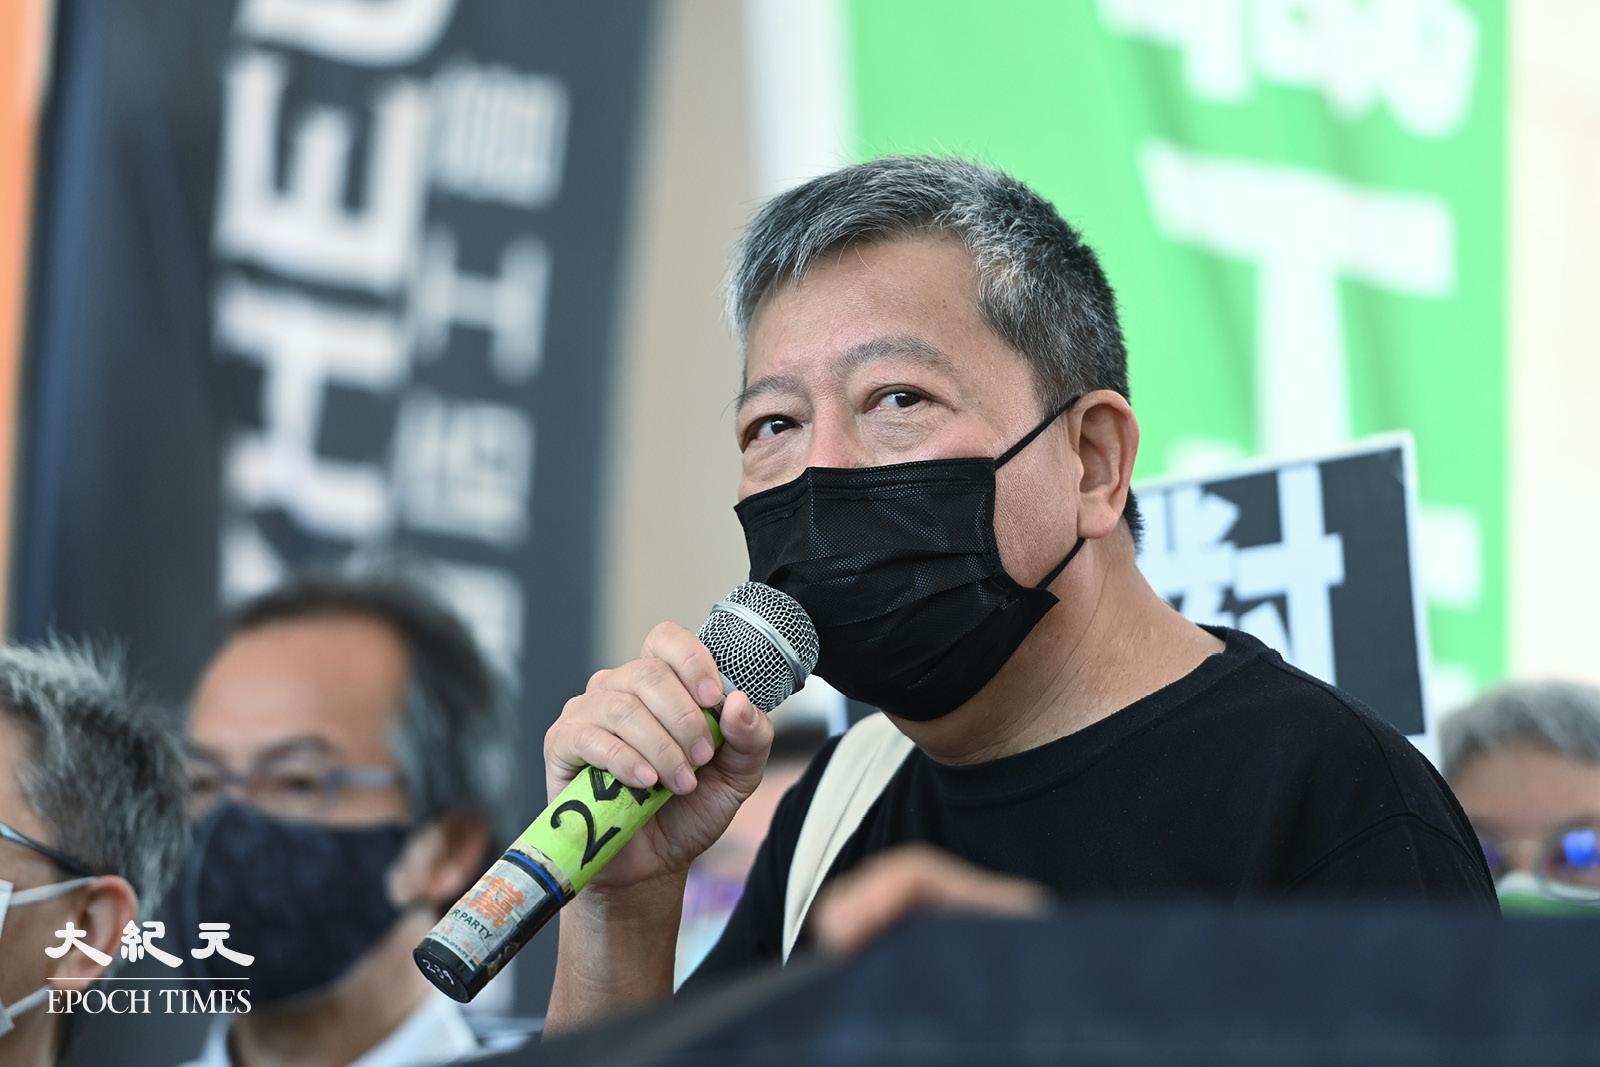 4月1日,李卓人在西九龍法院向傳媒講話。(宋碧龍/大紀元)